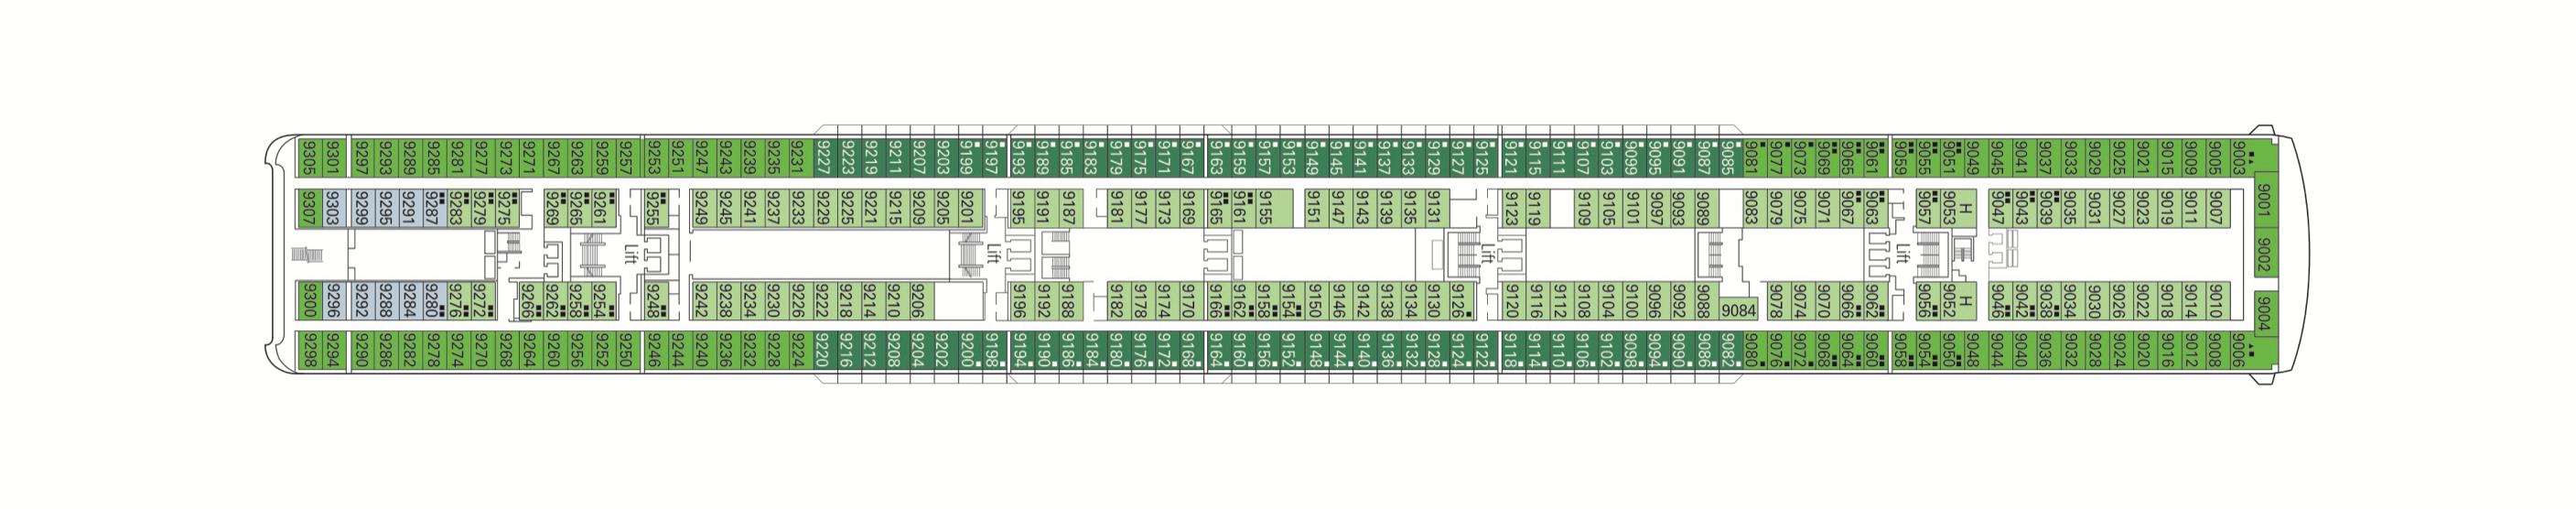 MSC Lirica Class Lirica Deck 9.jpg